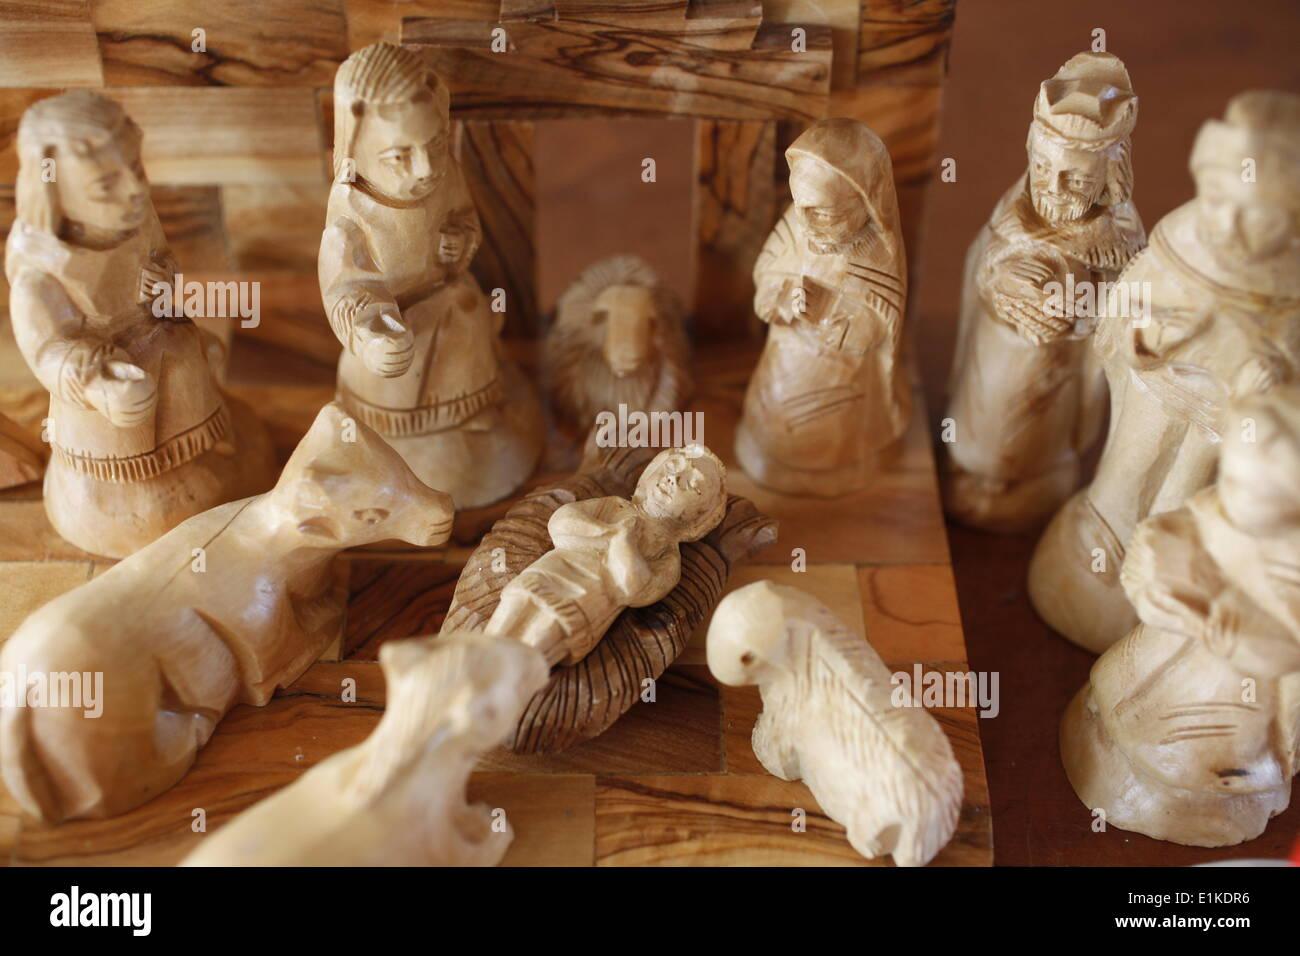 Presepi Di Legno Betlemme : In legno intagliato chiesa icona presepe su legno betlemme arte da